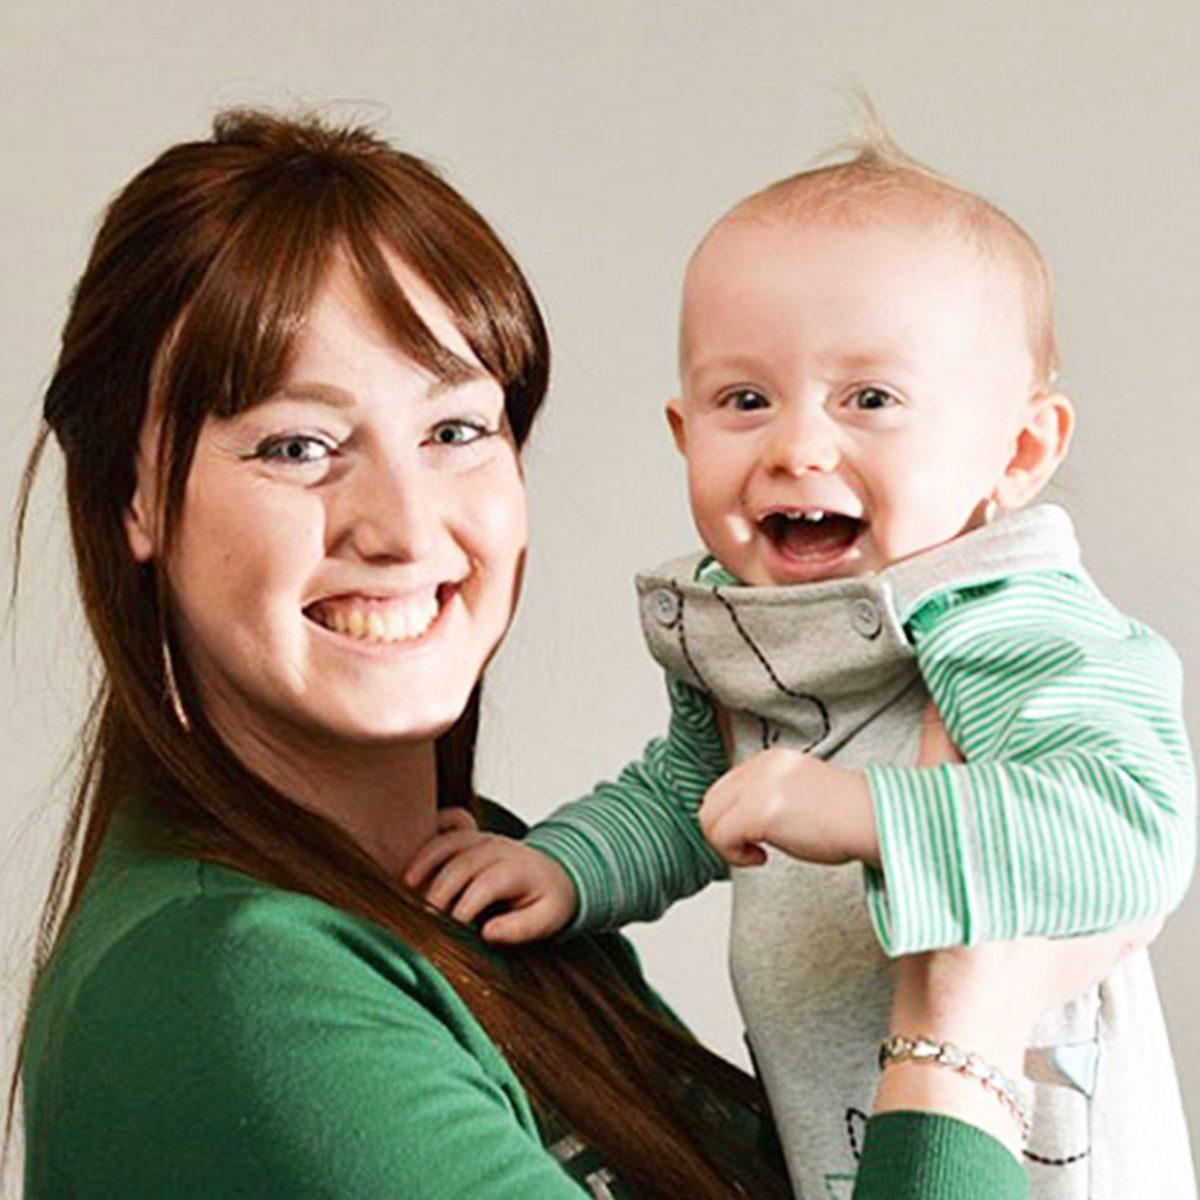 Emmeyi Reddeden Bebek Teddy Annesinin Hayatını Kurtardı!